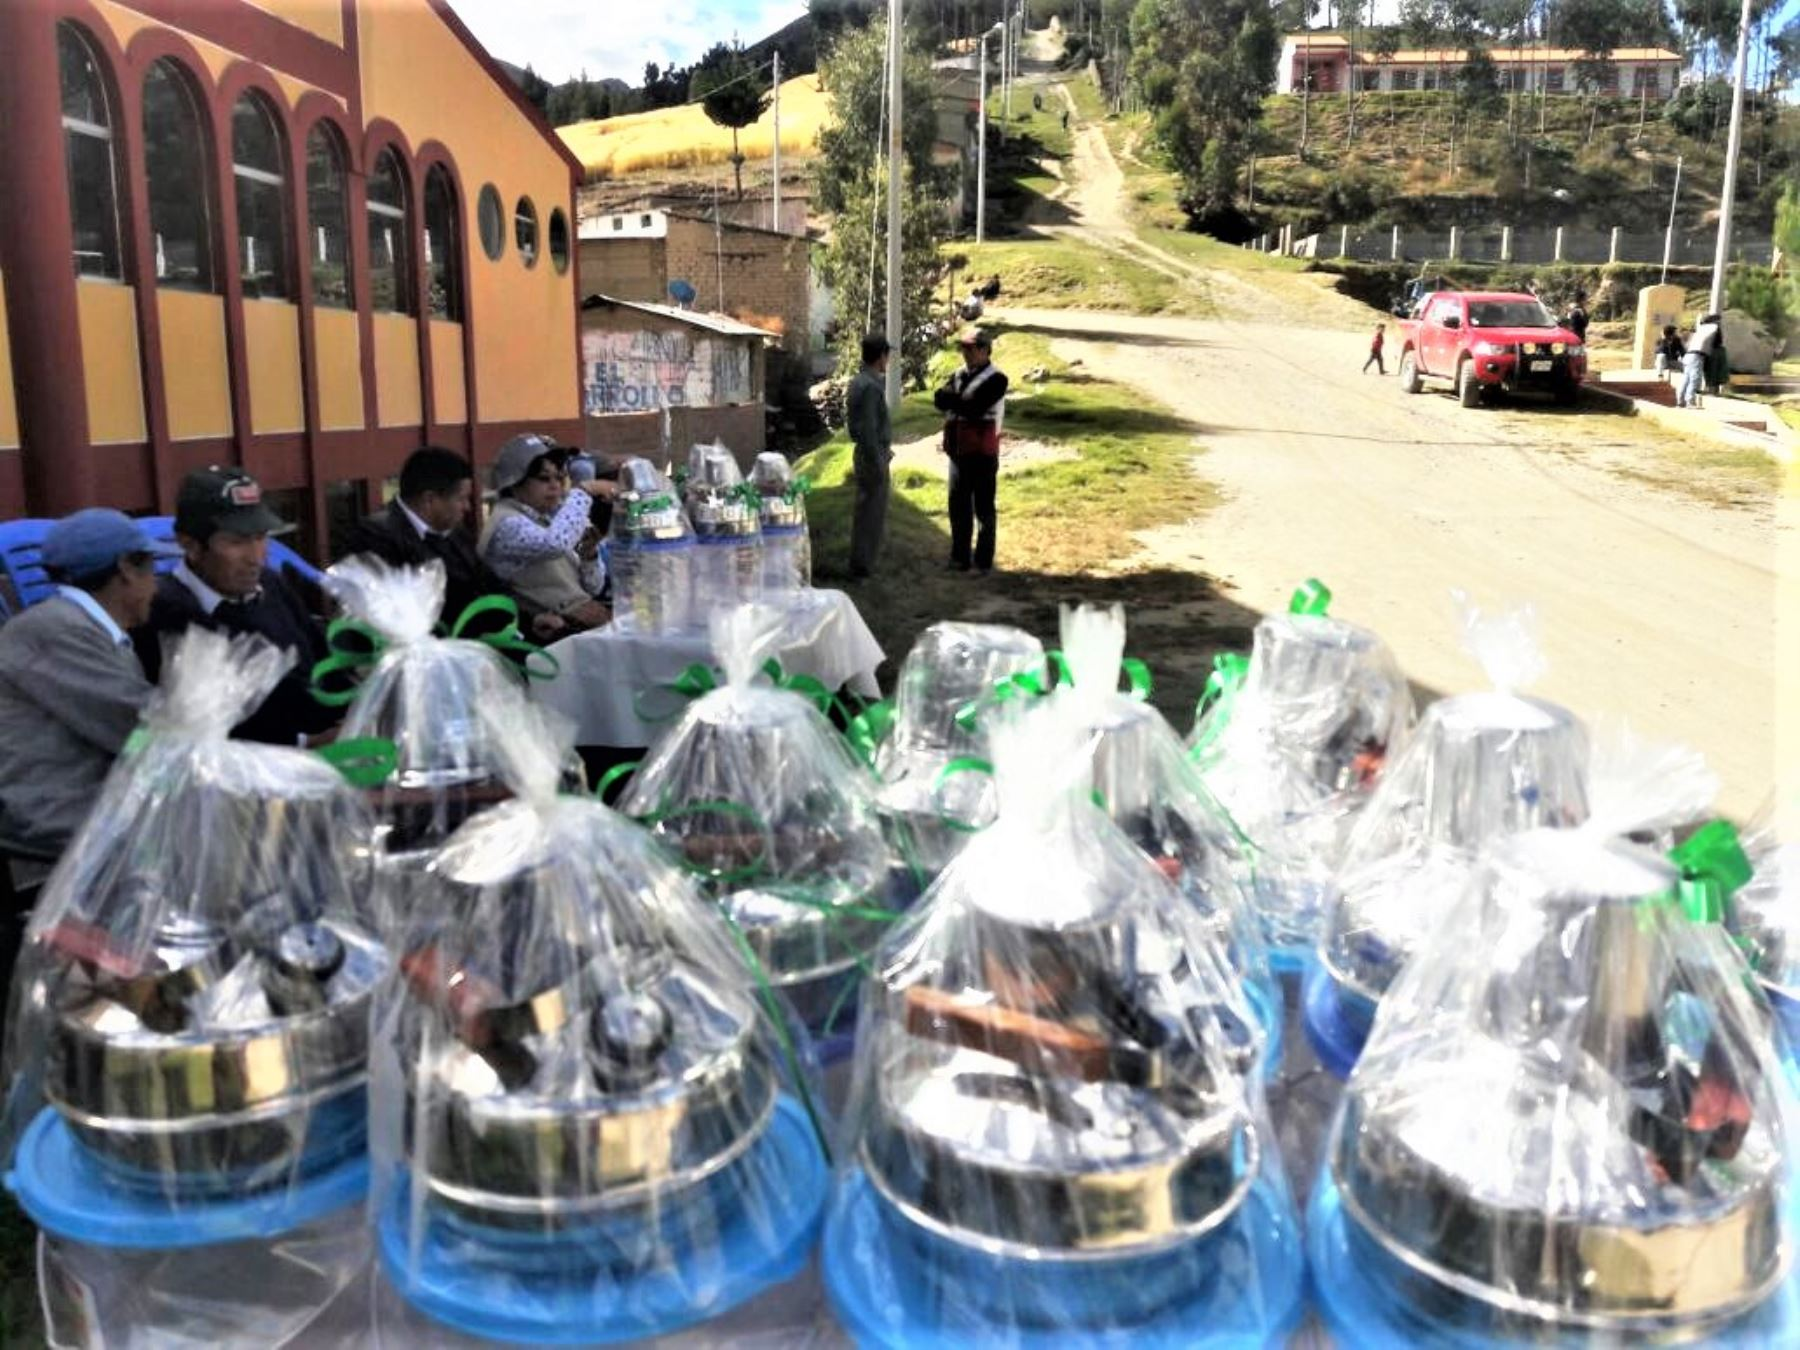 Los kits de cocina y las cocinas mejoradas están llegando a las comunidades de Colca, Santa Rosa de Malla, Florida, Acoyanca, Mutuypata y Huallhuaypata del distrito de Quichuas.